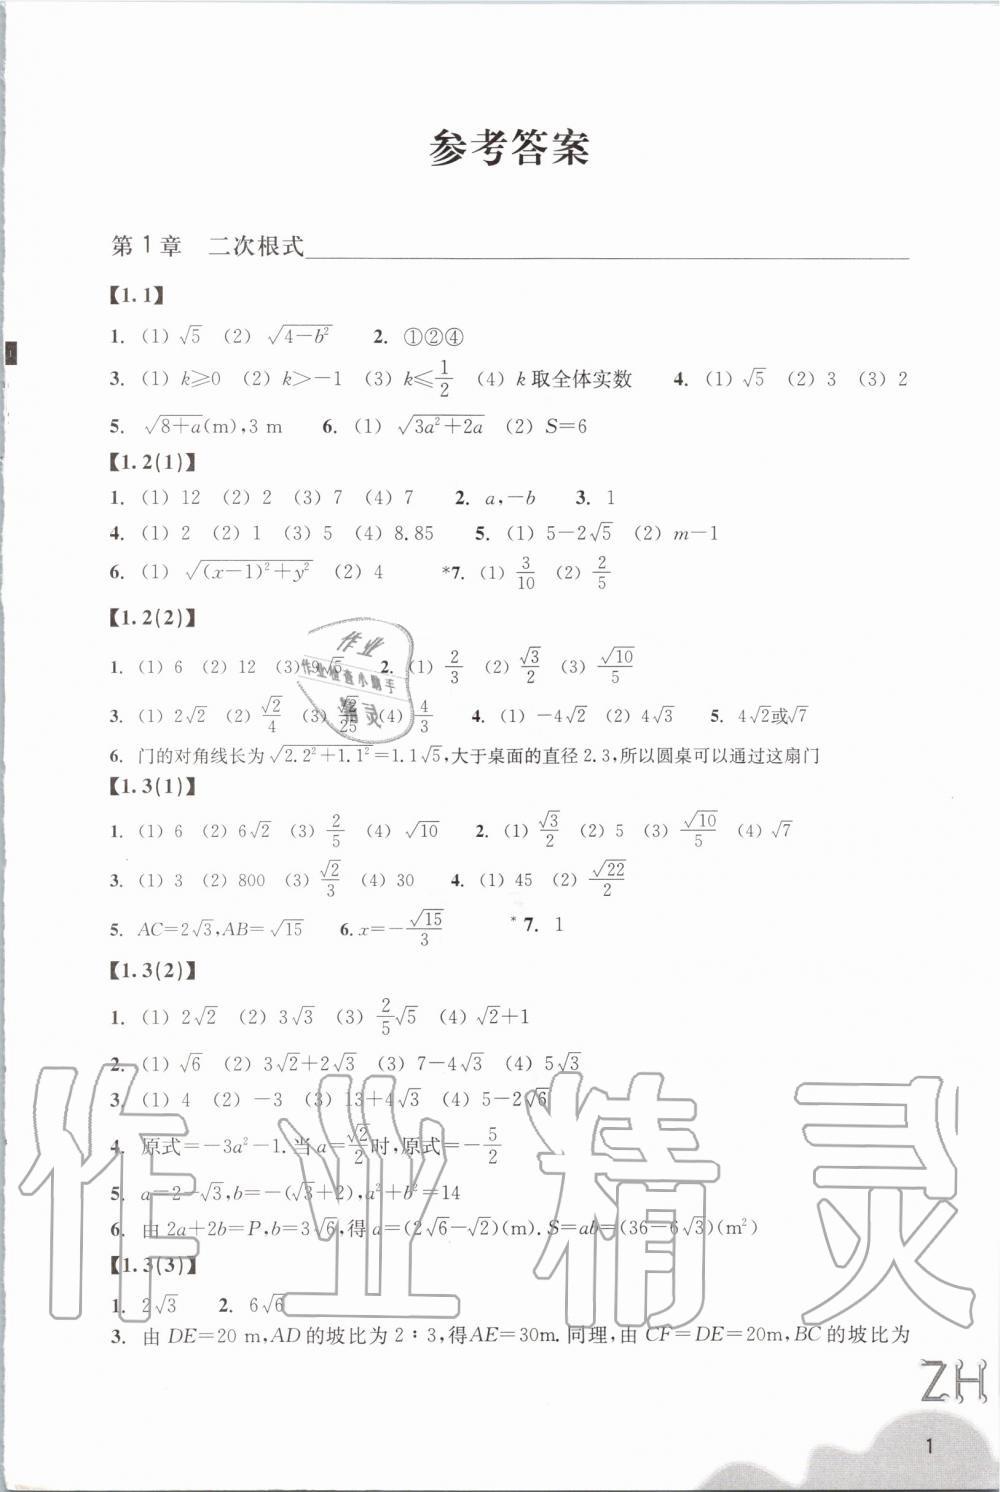 2020年作业本八年级数学下册浙教版浙江教育出版社第1页